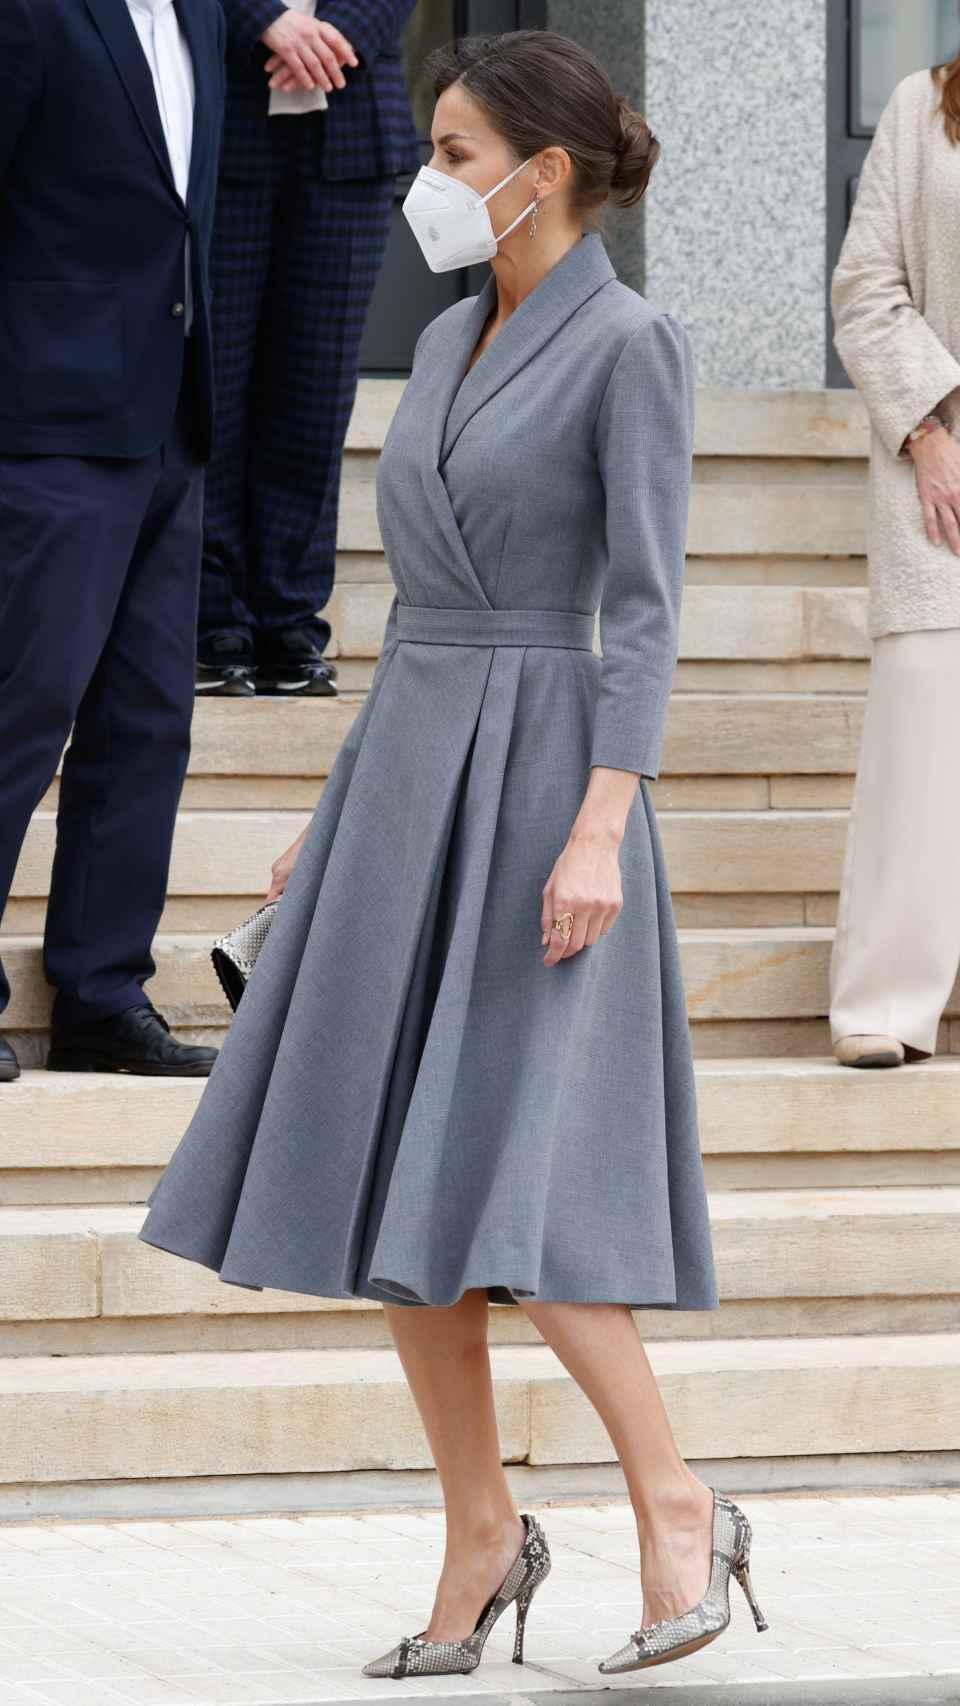 El 'outfit' de la Reina para viajar a Cartagena este jueves.